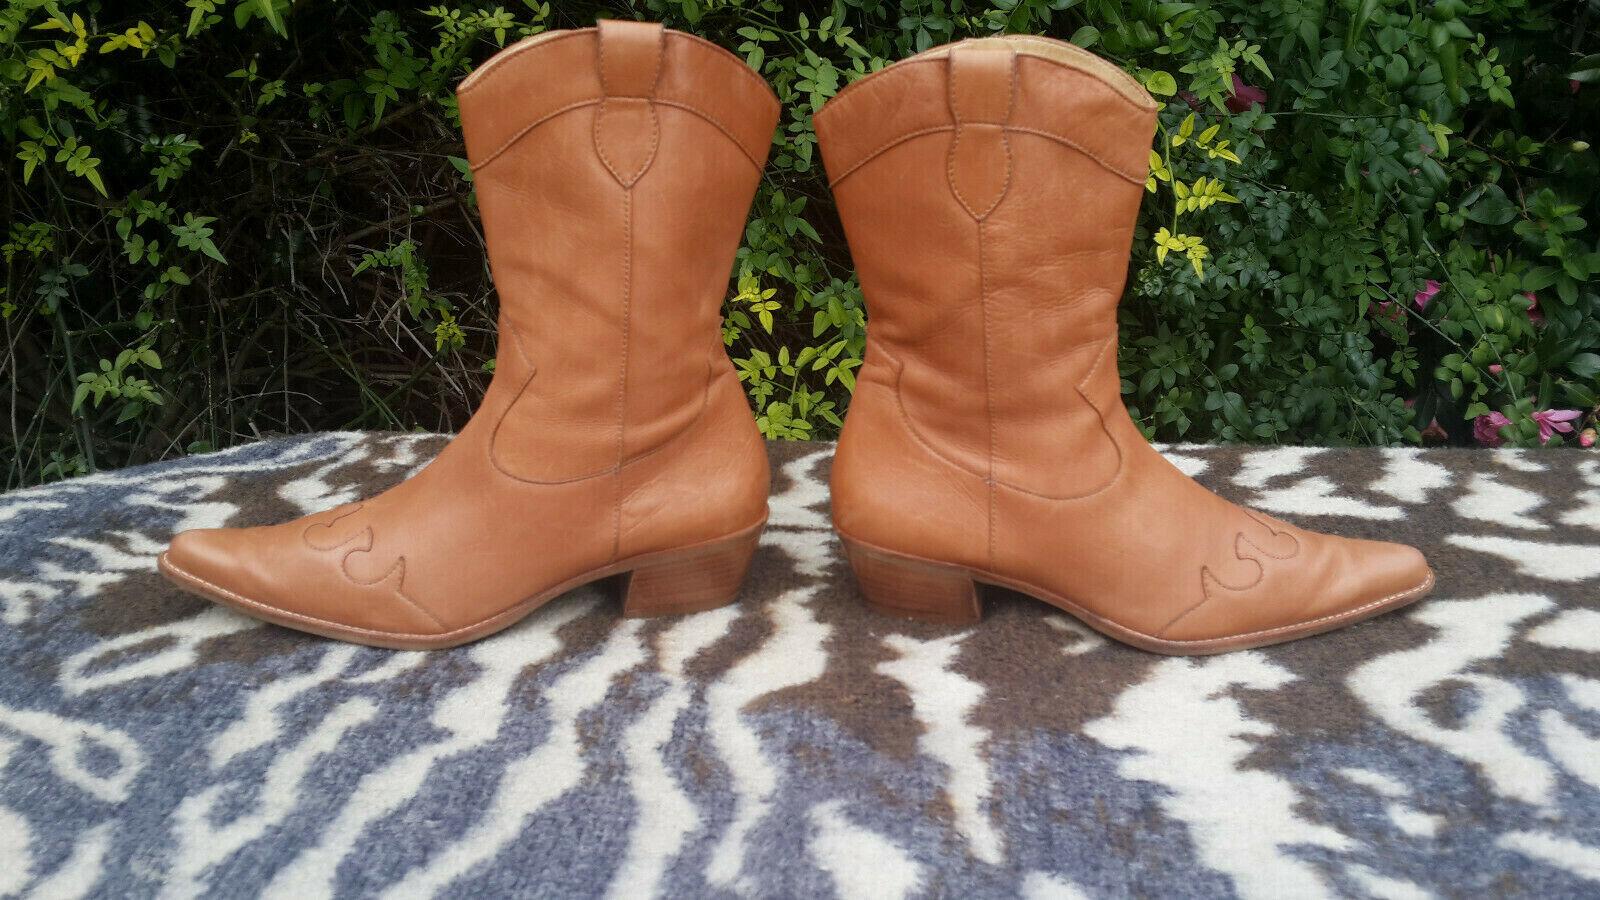 Paul Green Green Green Munchen light brown leather Cowboy boots UK size 7 EU 41 cbe0dd